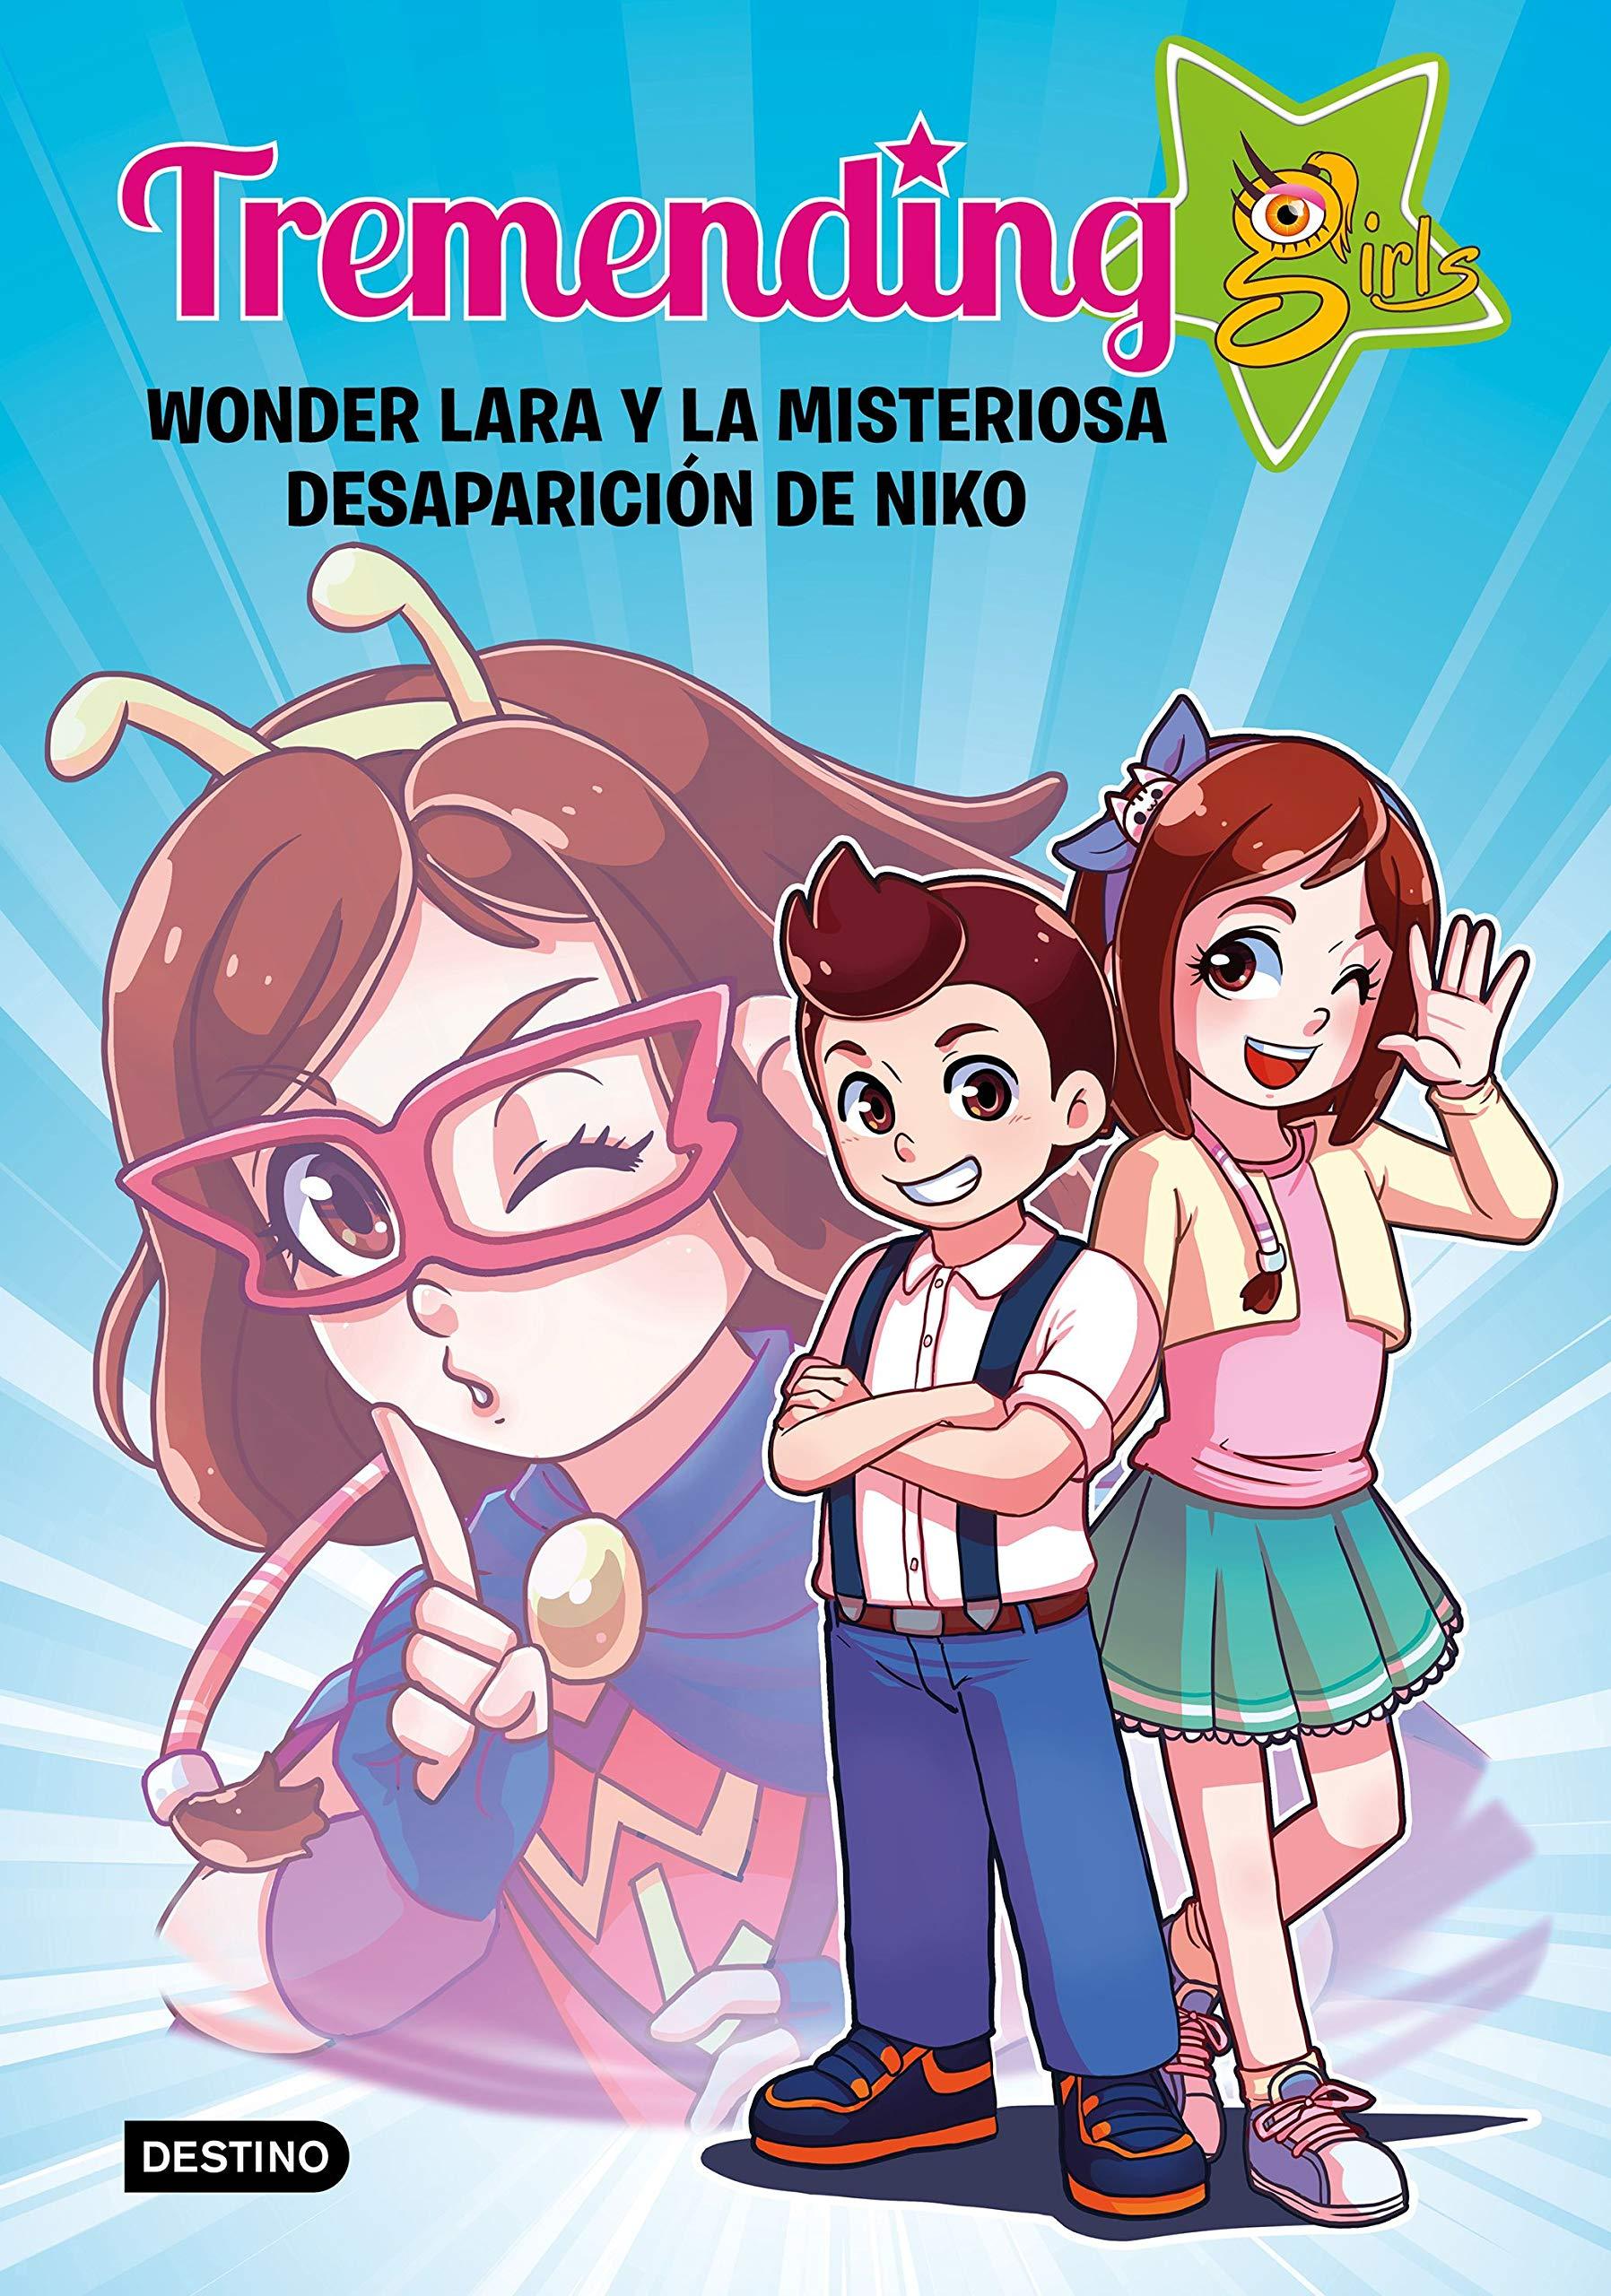 Tremending girls. Wonder Lara y la misteriosa desaparición de Niko ...